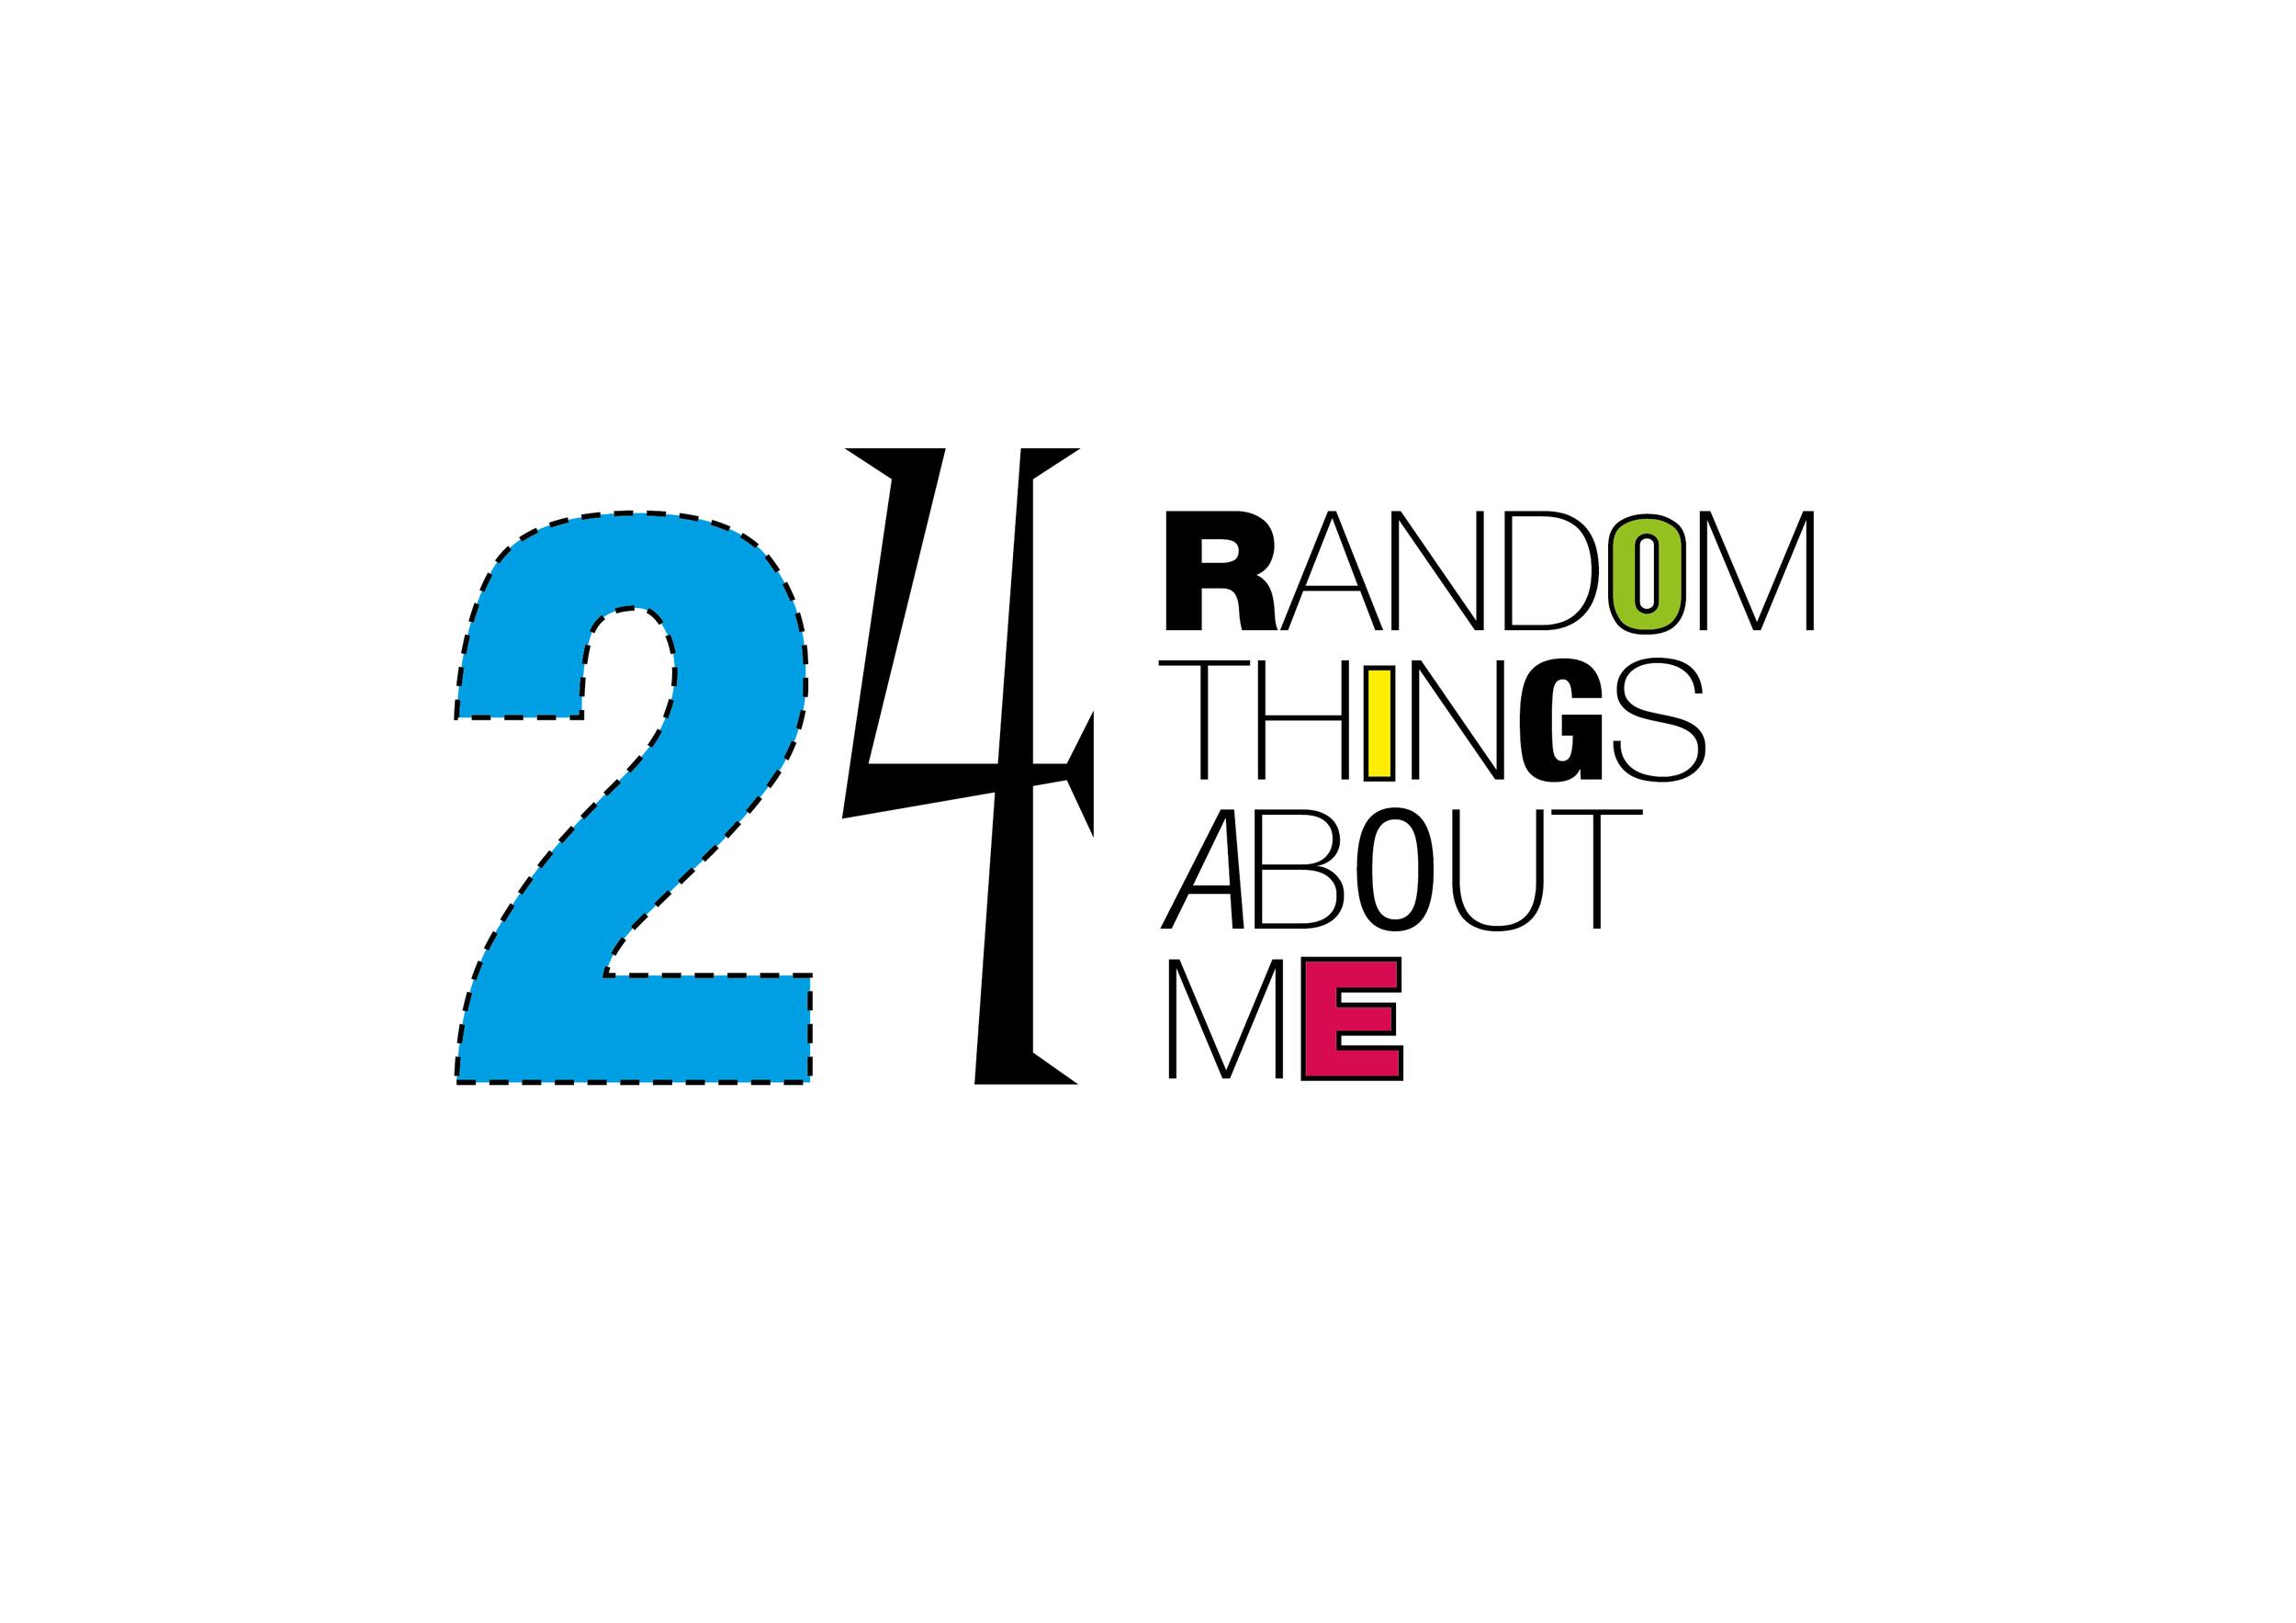 24 random things